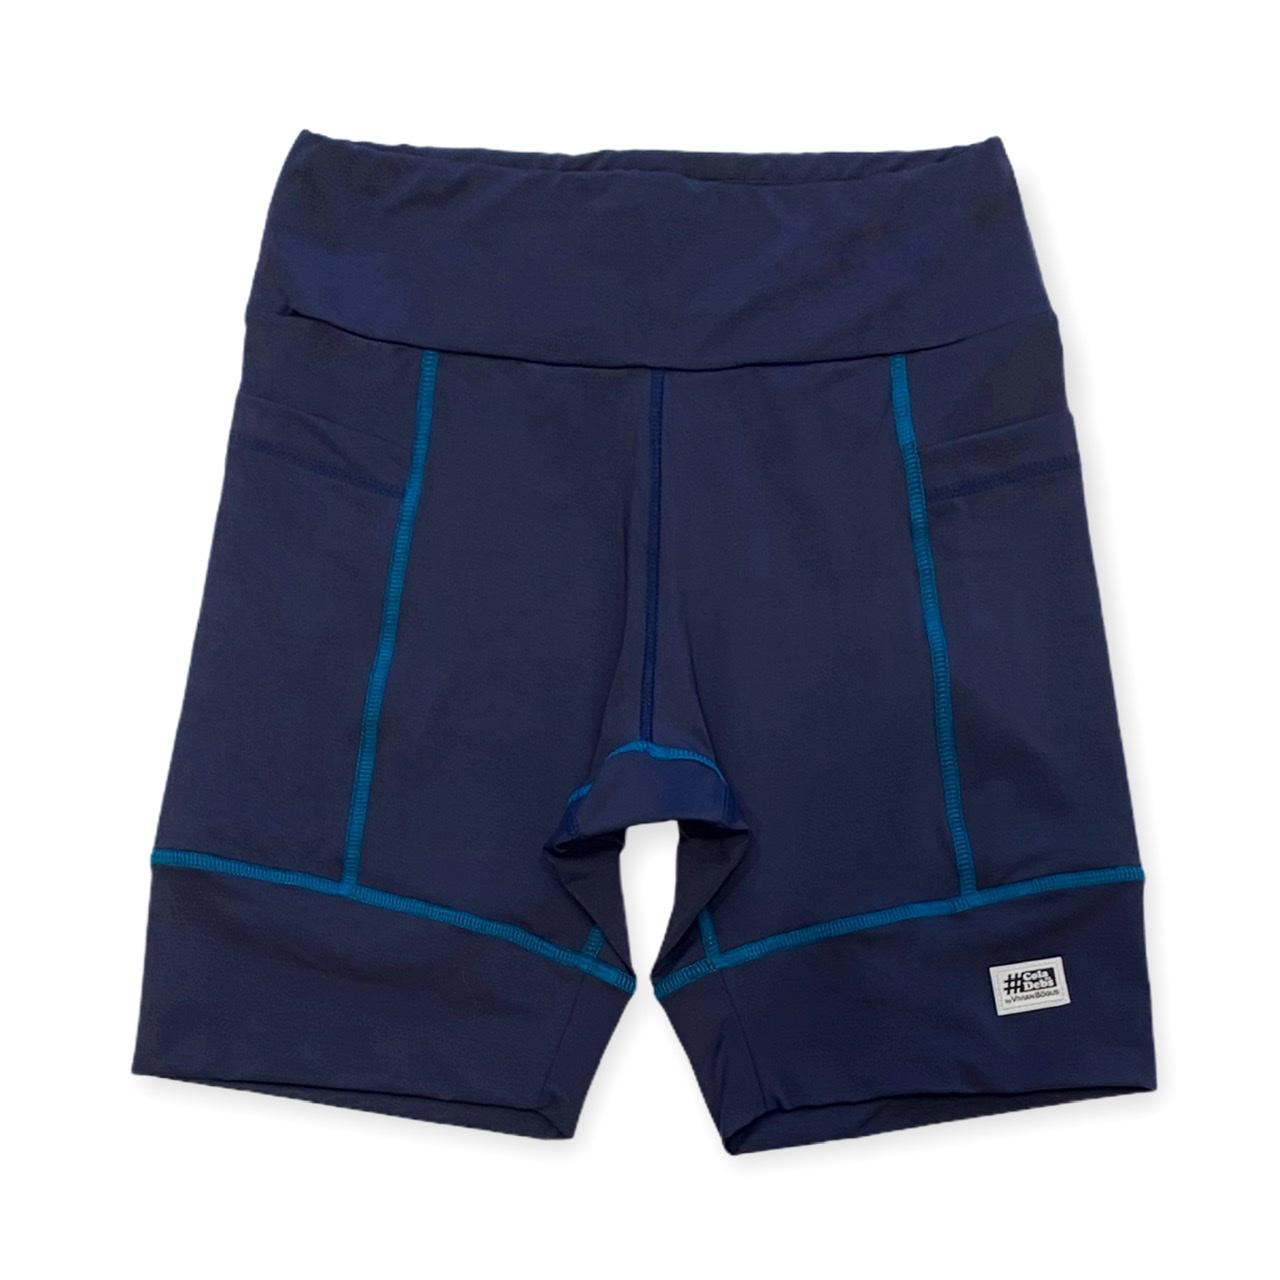 Bermuda de compressão unissex square em sportiva azul marinho costura azul  - Vivian Bógus